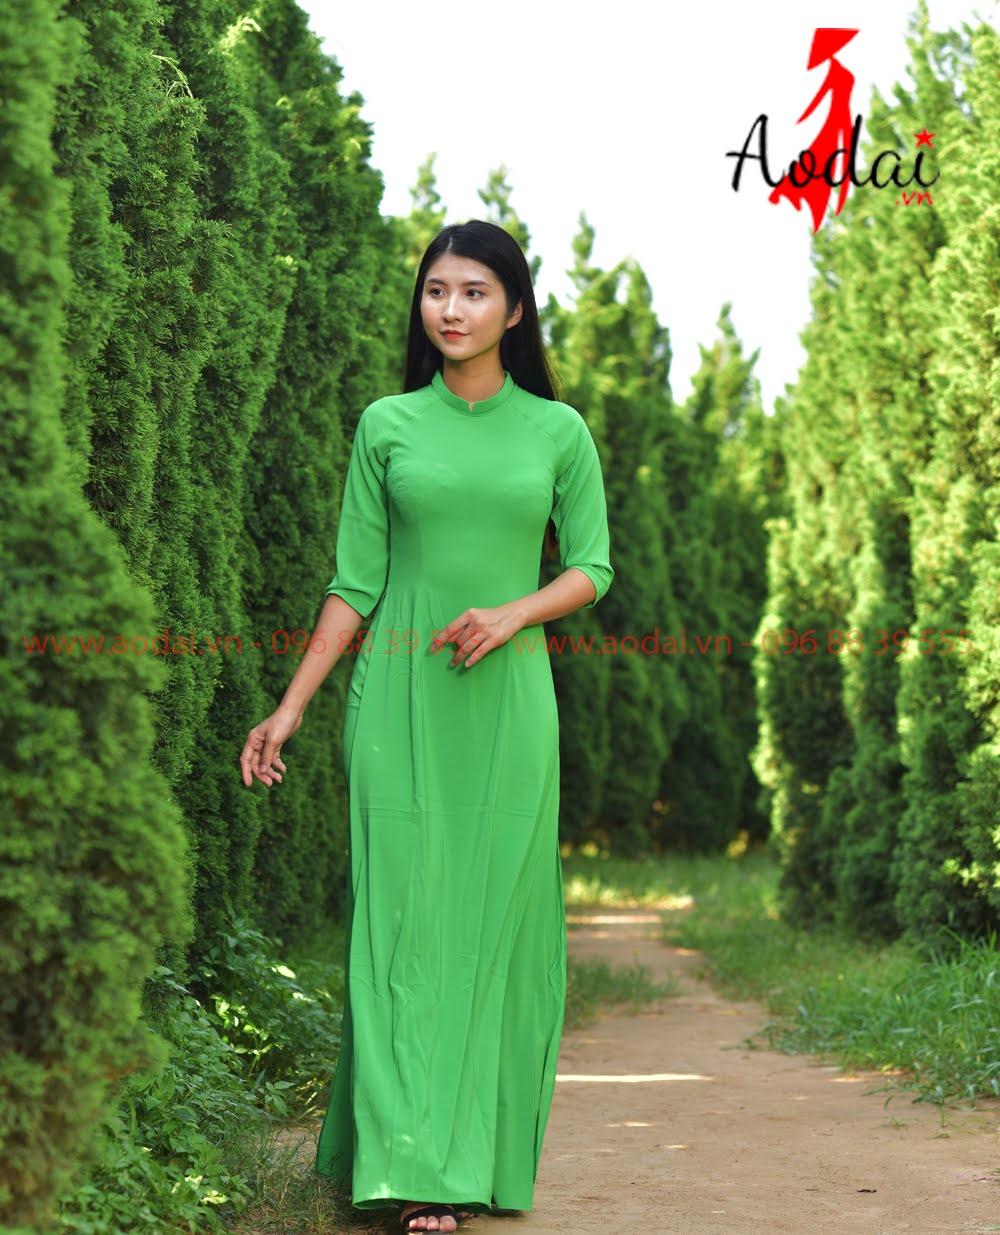 May áo dài tại Lào Cai